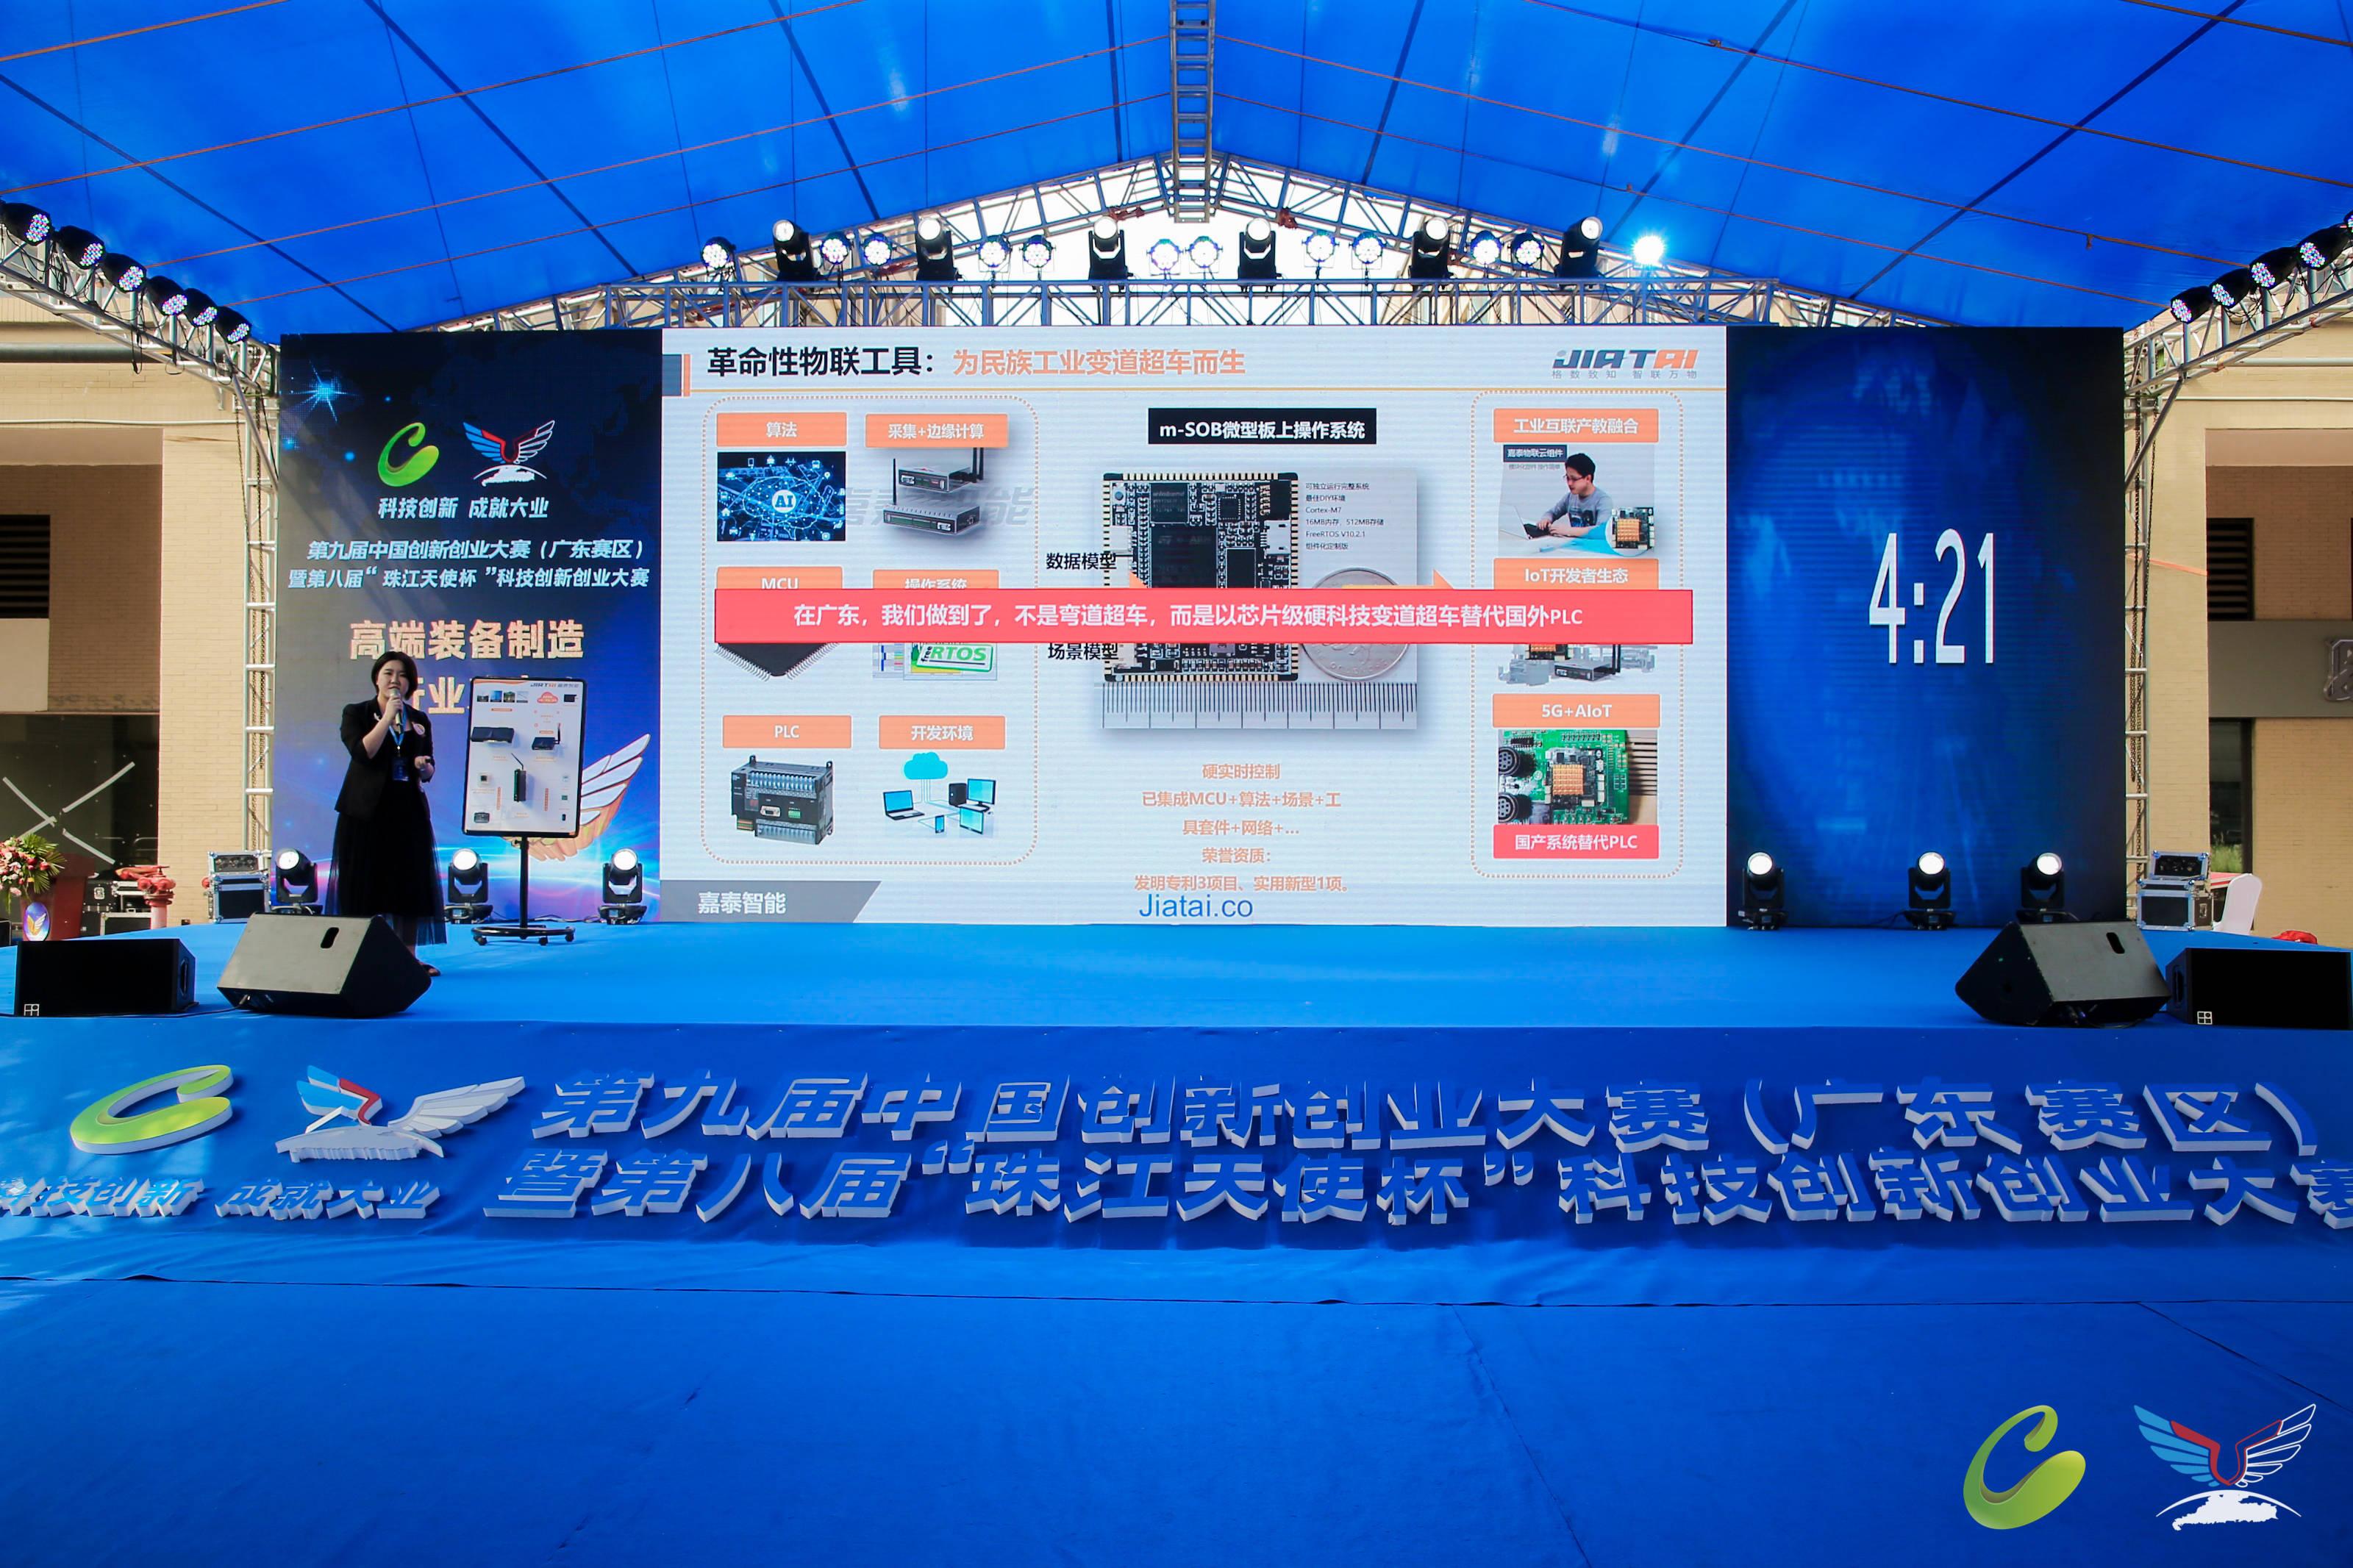 喜报 | 嘉泰智能喜获中国创新创业大赛广东赛区三等奖